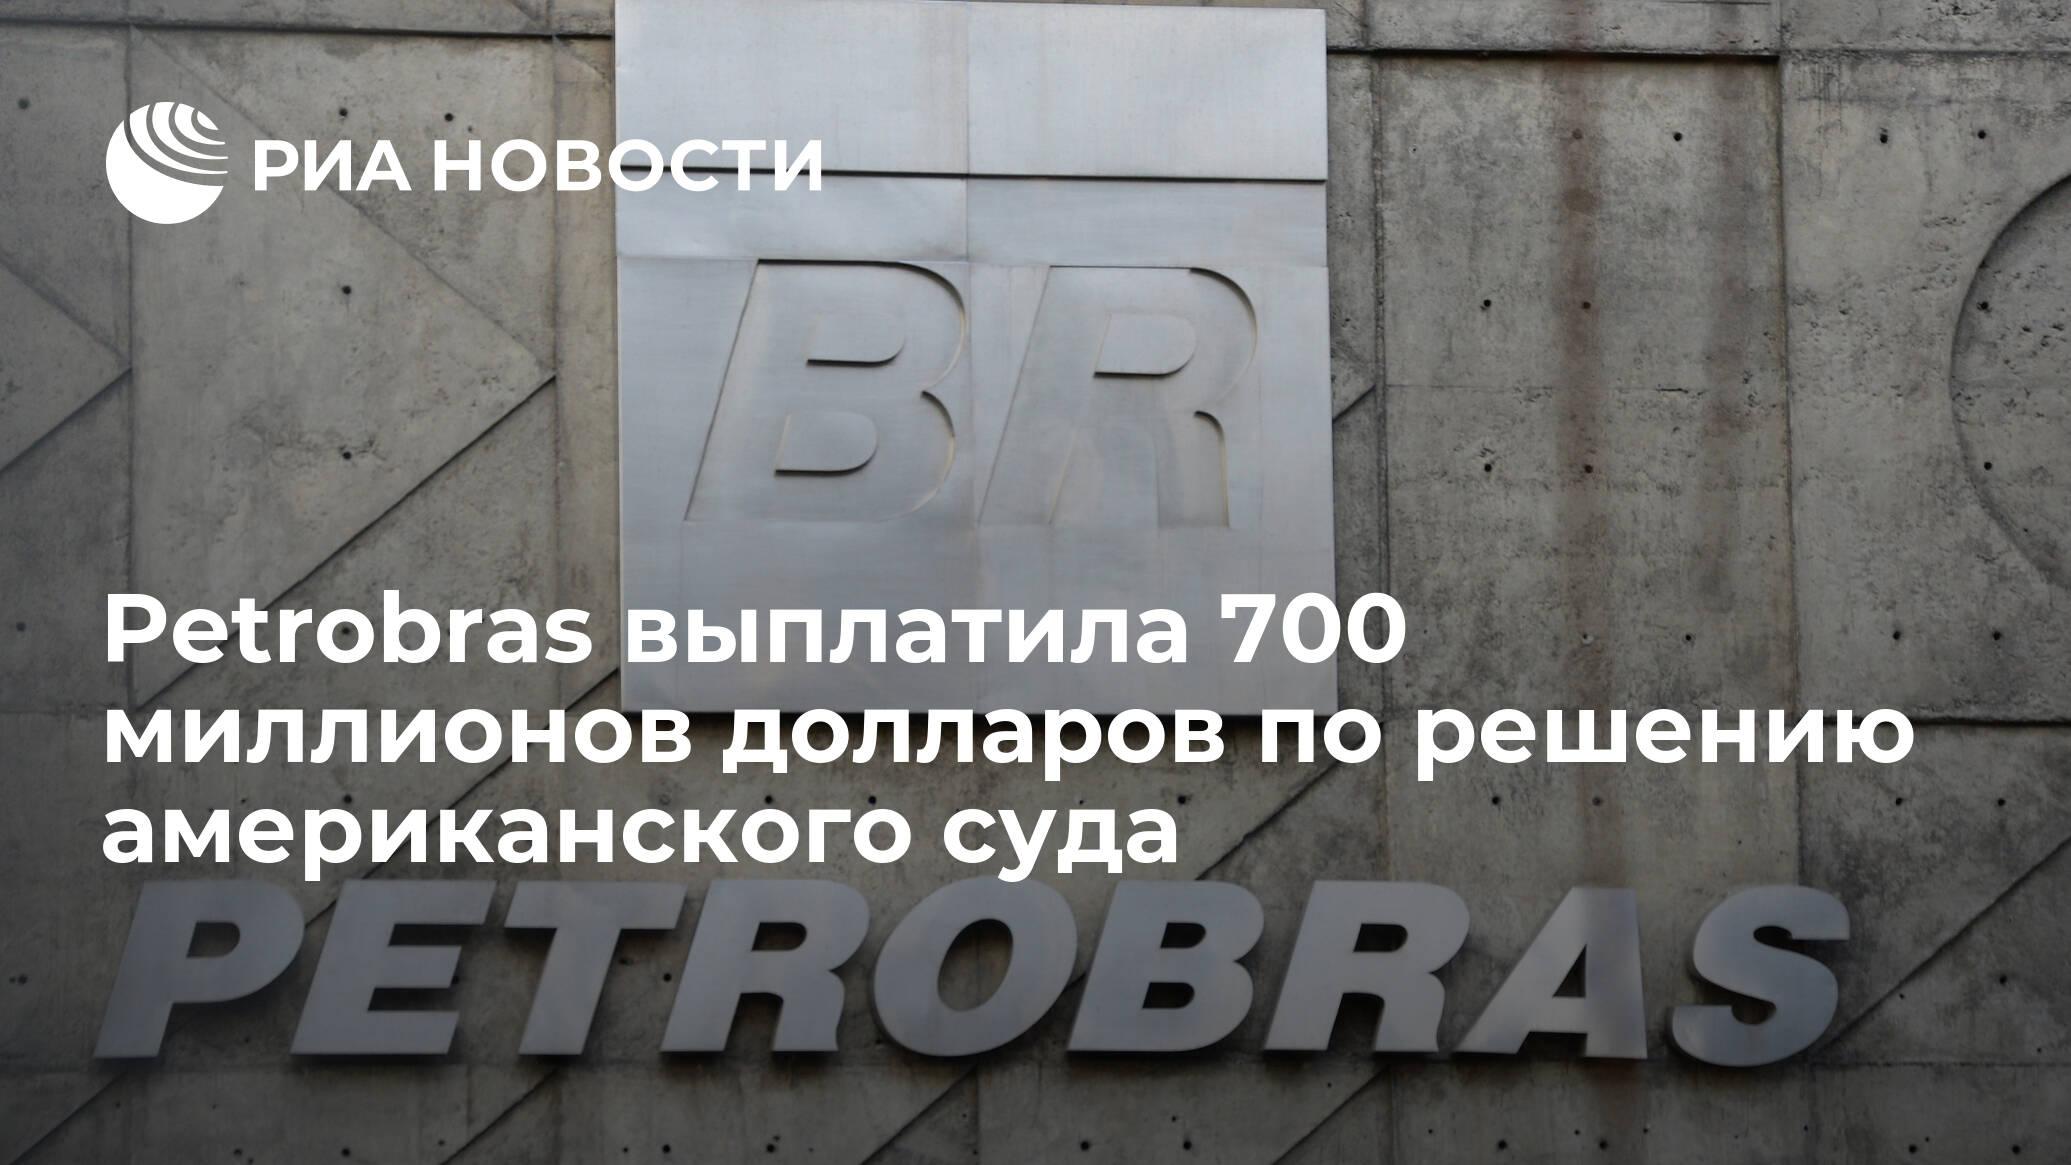 Petrobras выплатила 700 миллионов долларов по решению американского суда